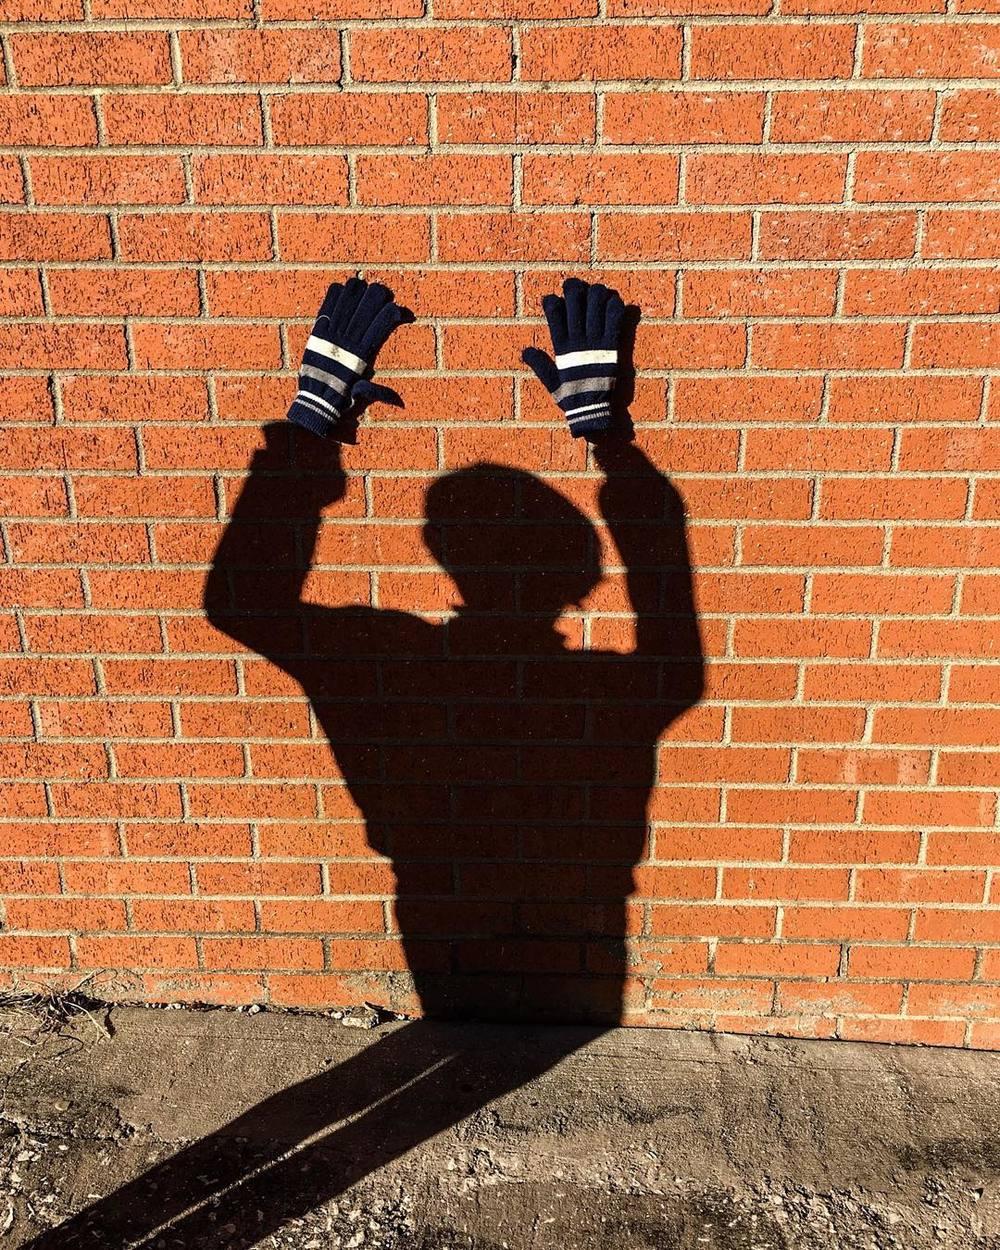 Shadow gloves with @betweenthepixels.